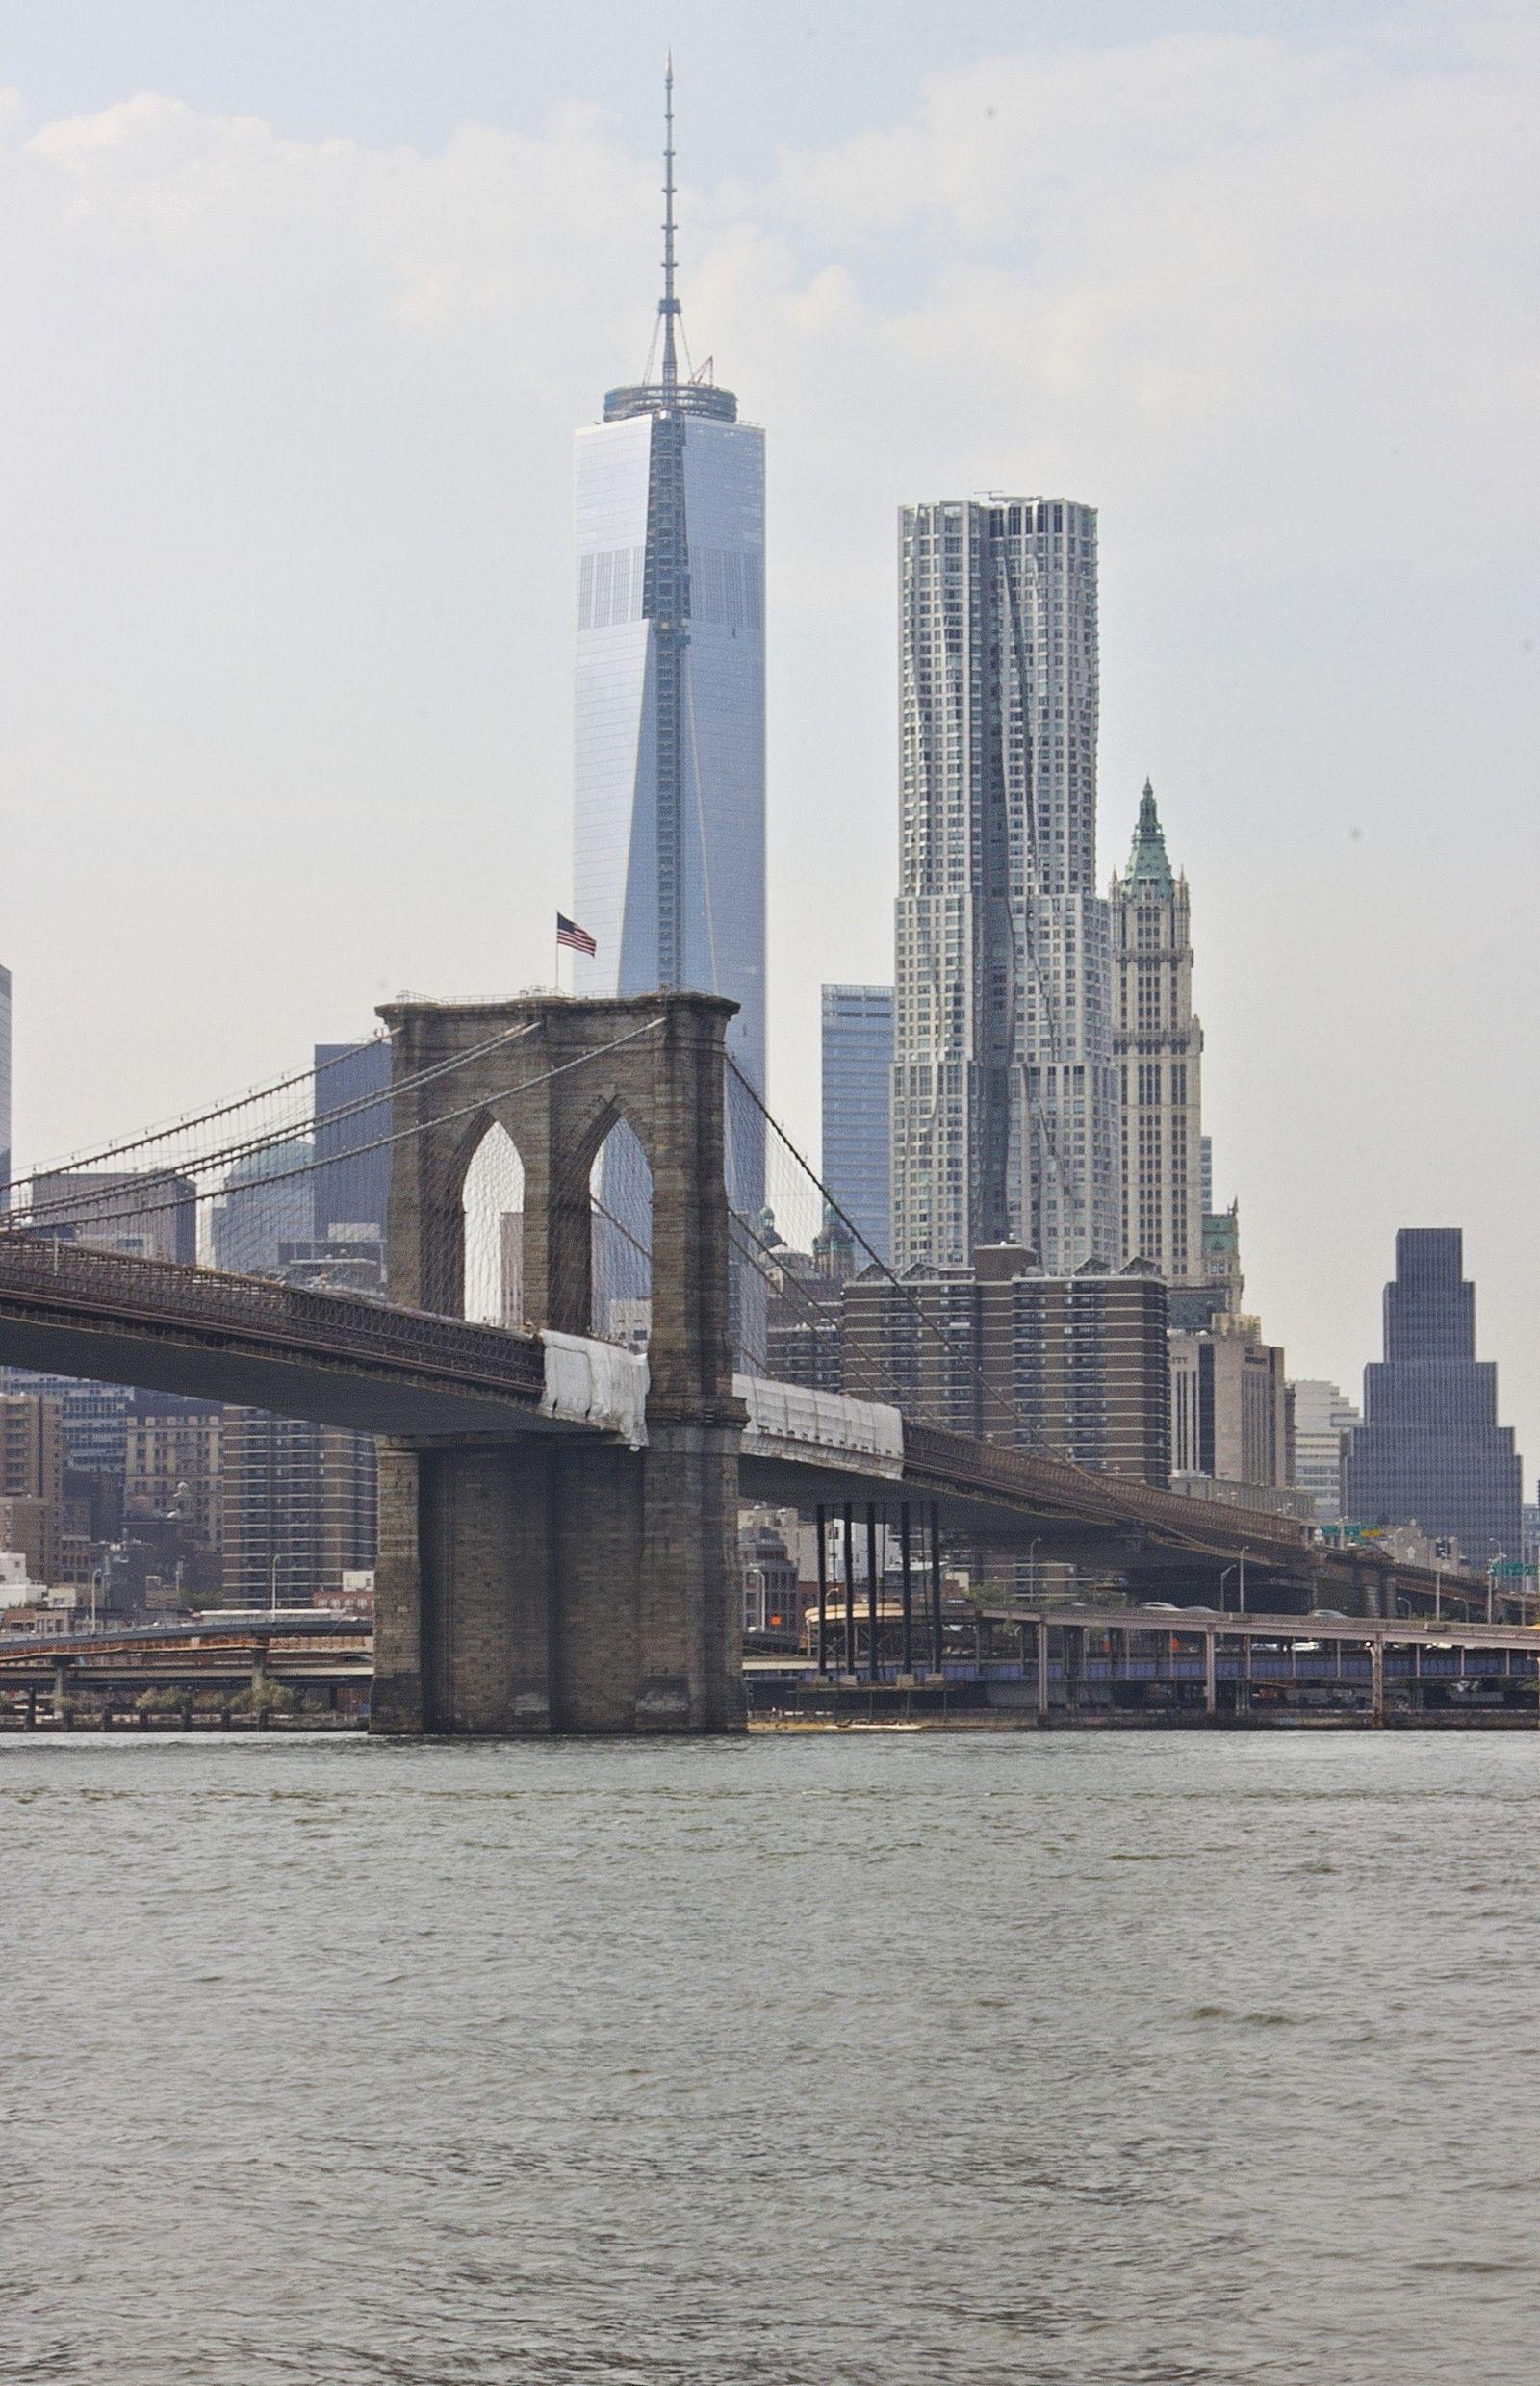 Parece que el Puente de Brooklyn está vendado